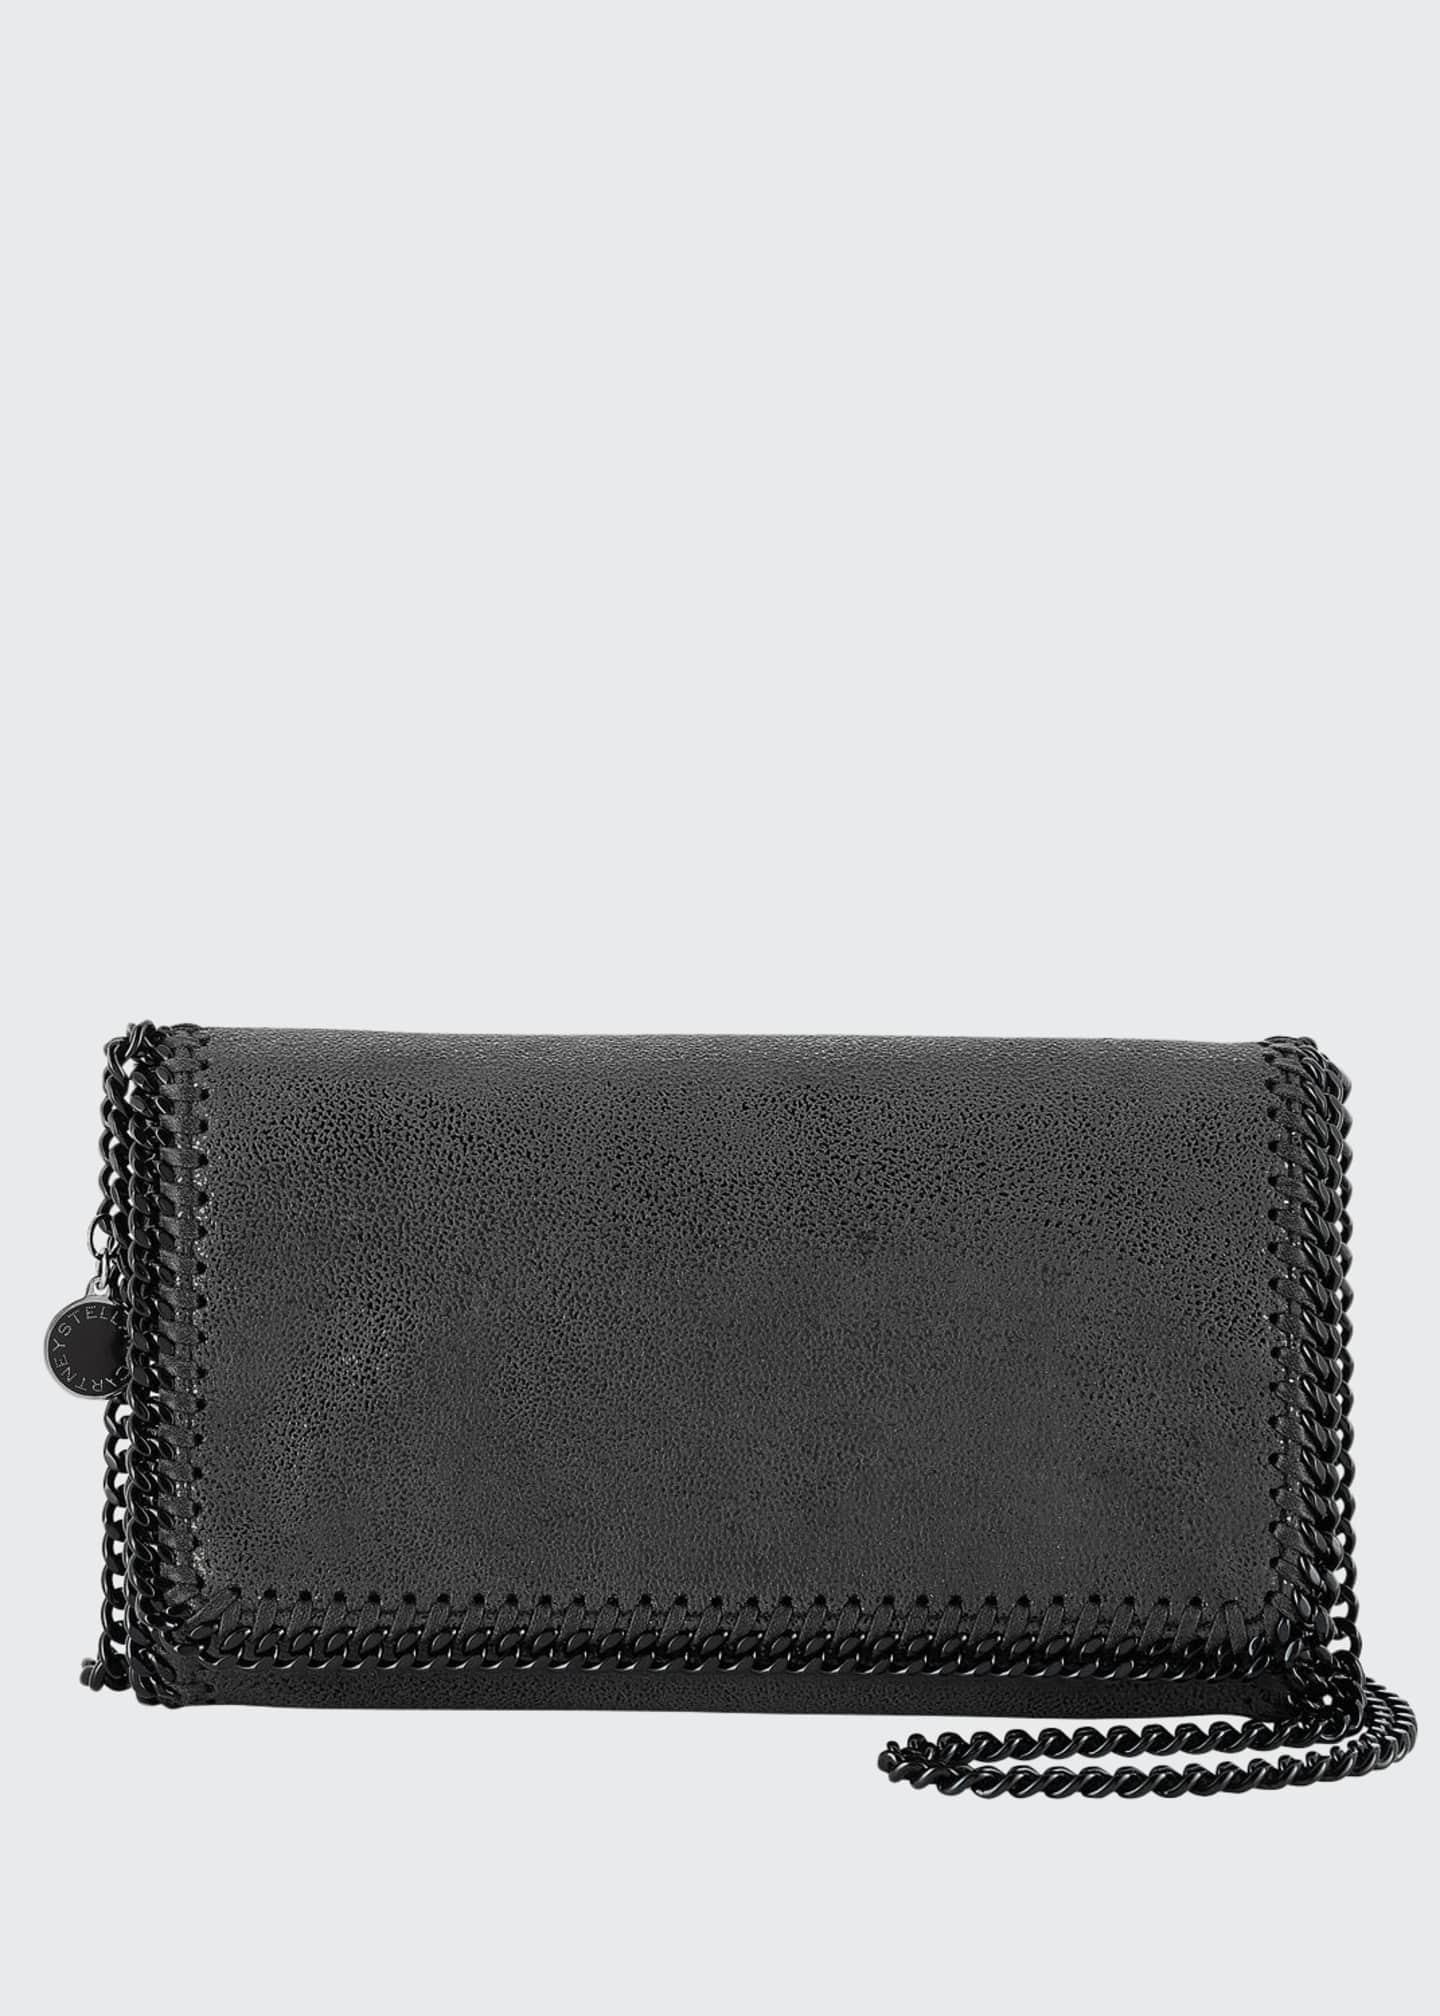 Stella McCartney Falabella Crossbody Clutch Bag